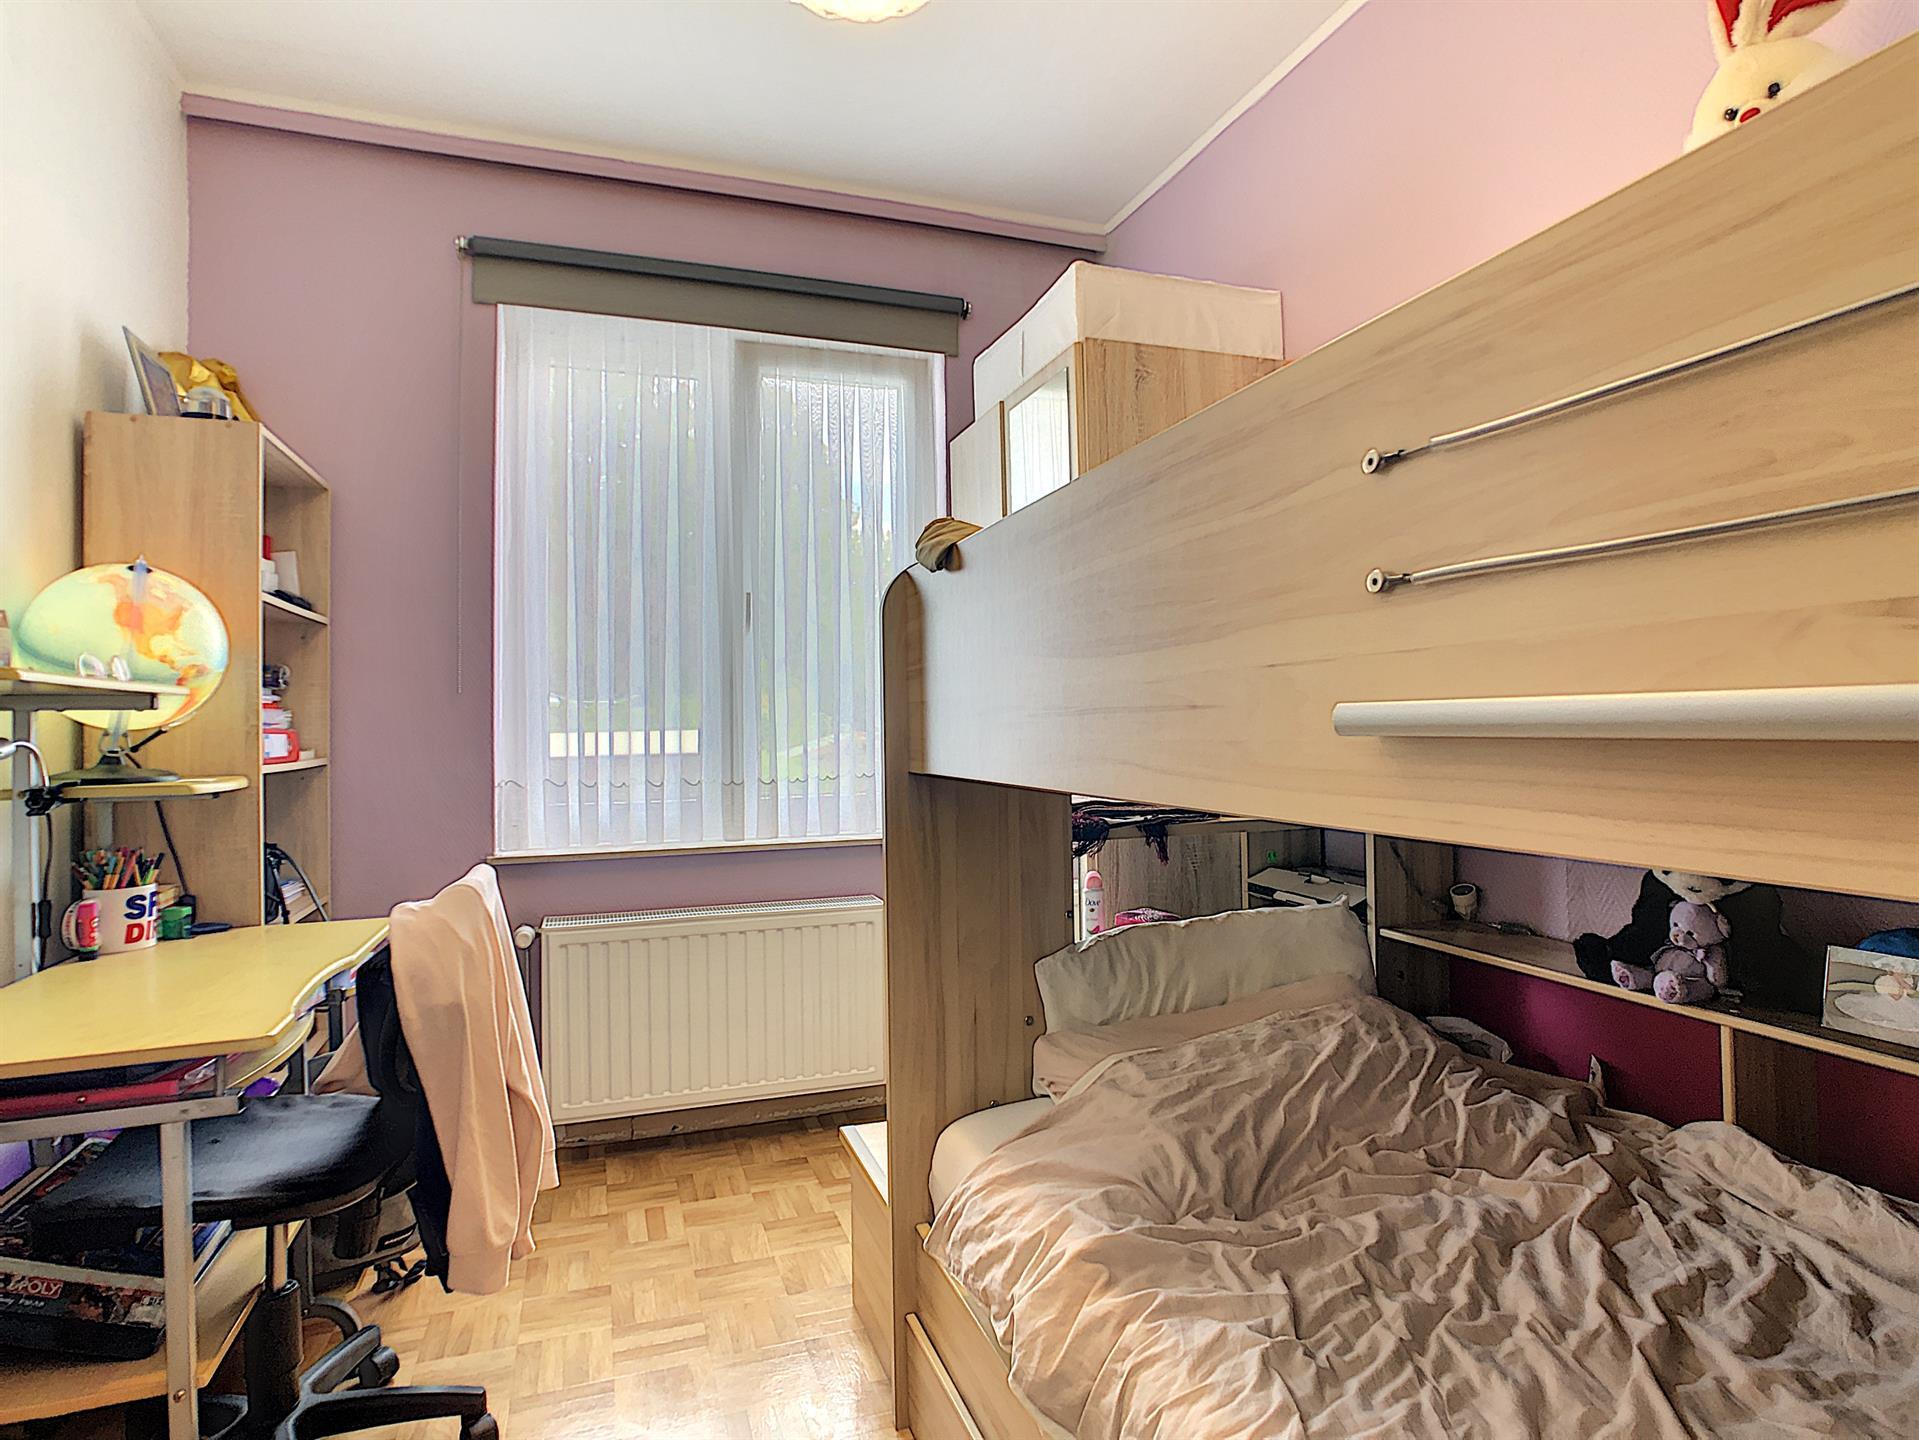 Appartement - Berchem-Sainte-Agathe - #4143753-5